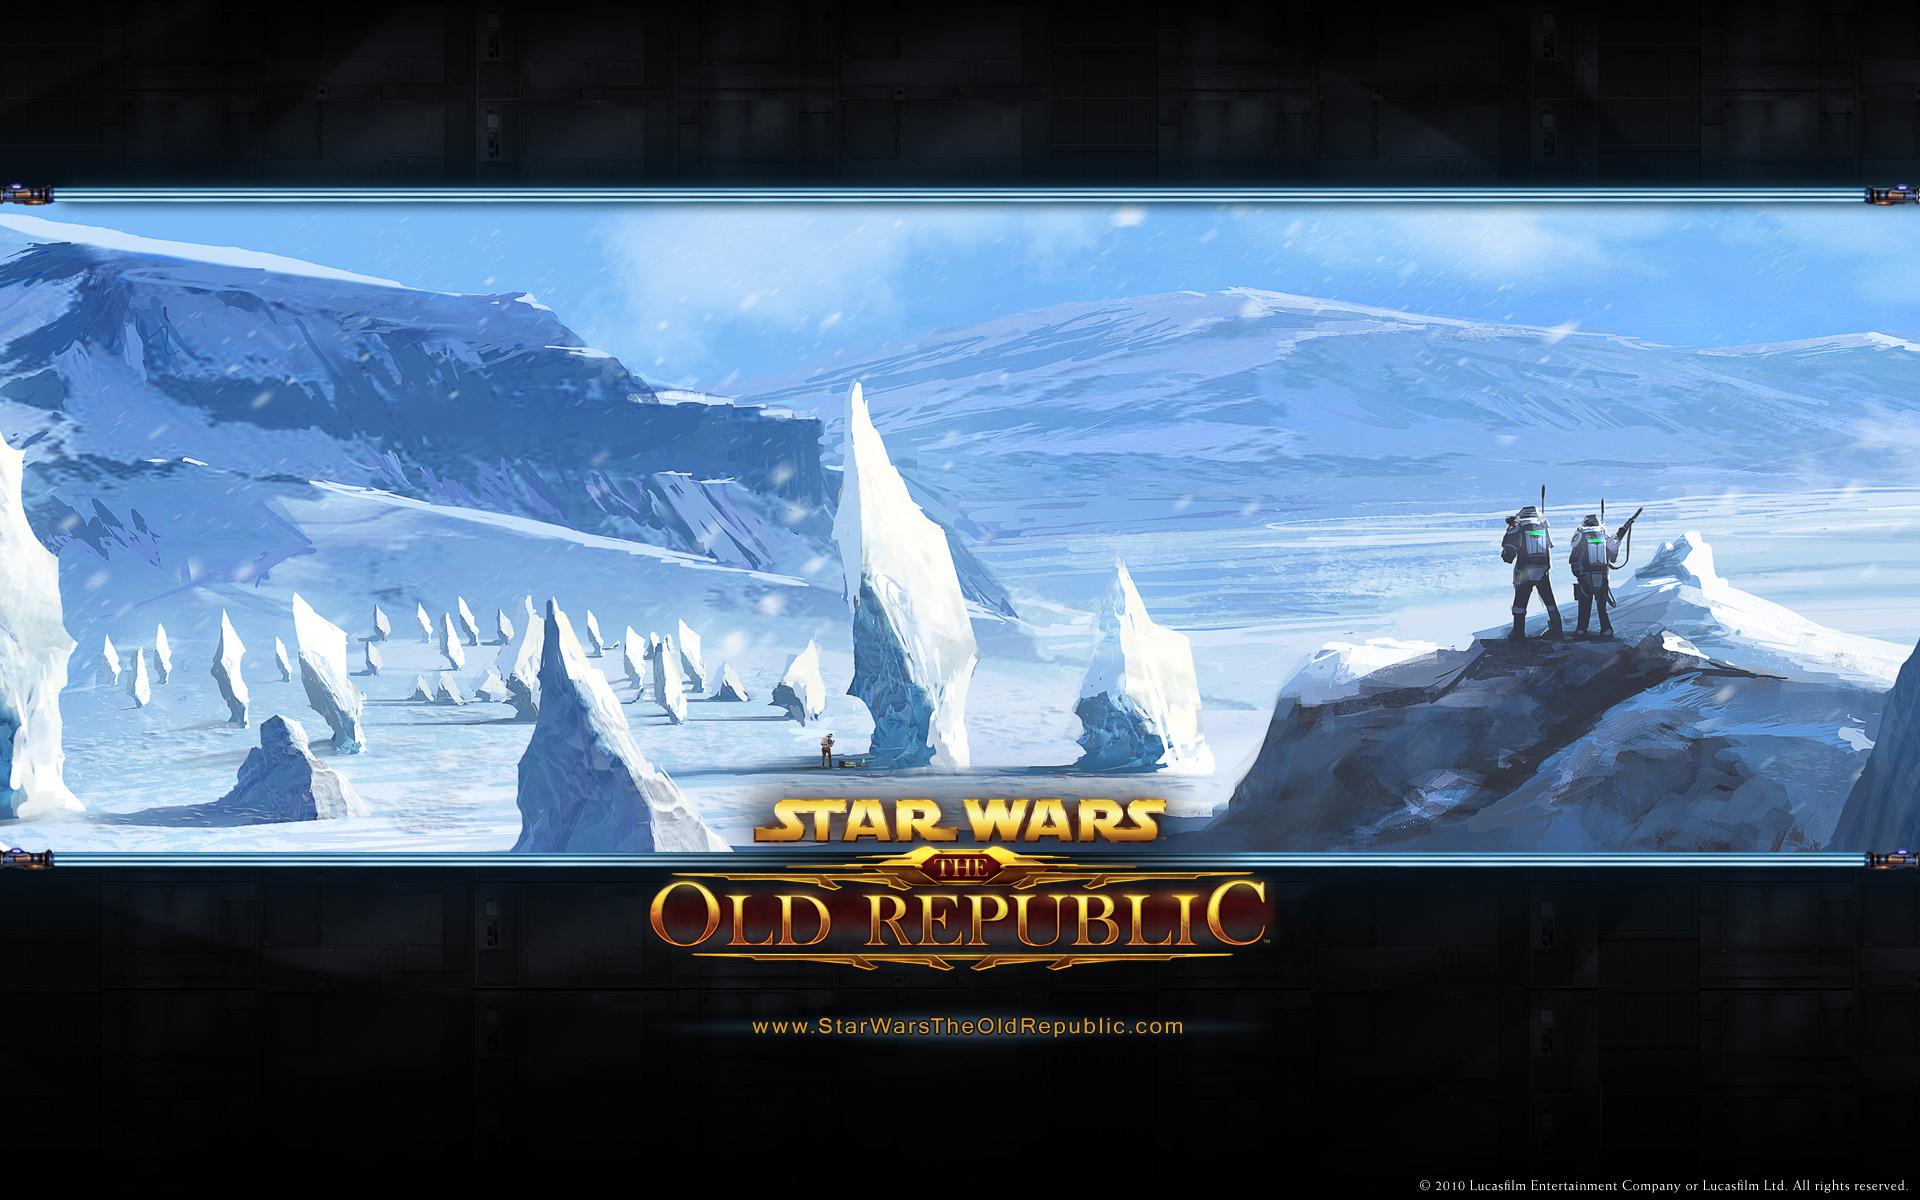 Star wars The Old Republic   Star Wars Wallpaper 26970273 1920x1200